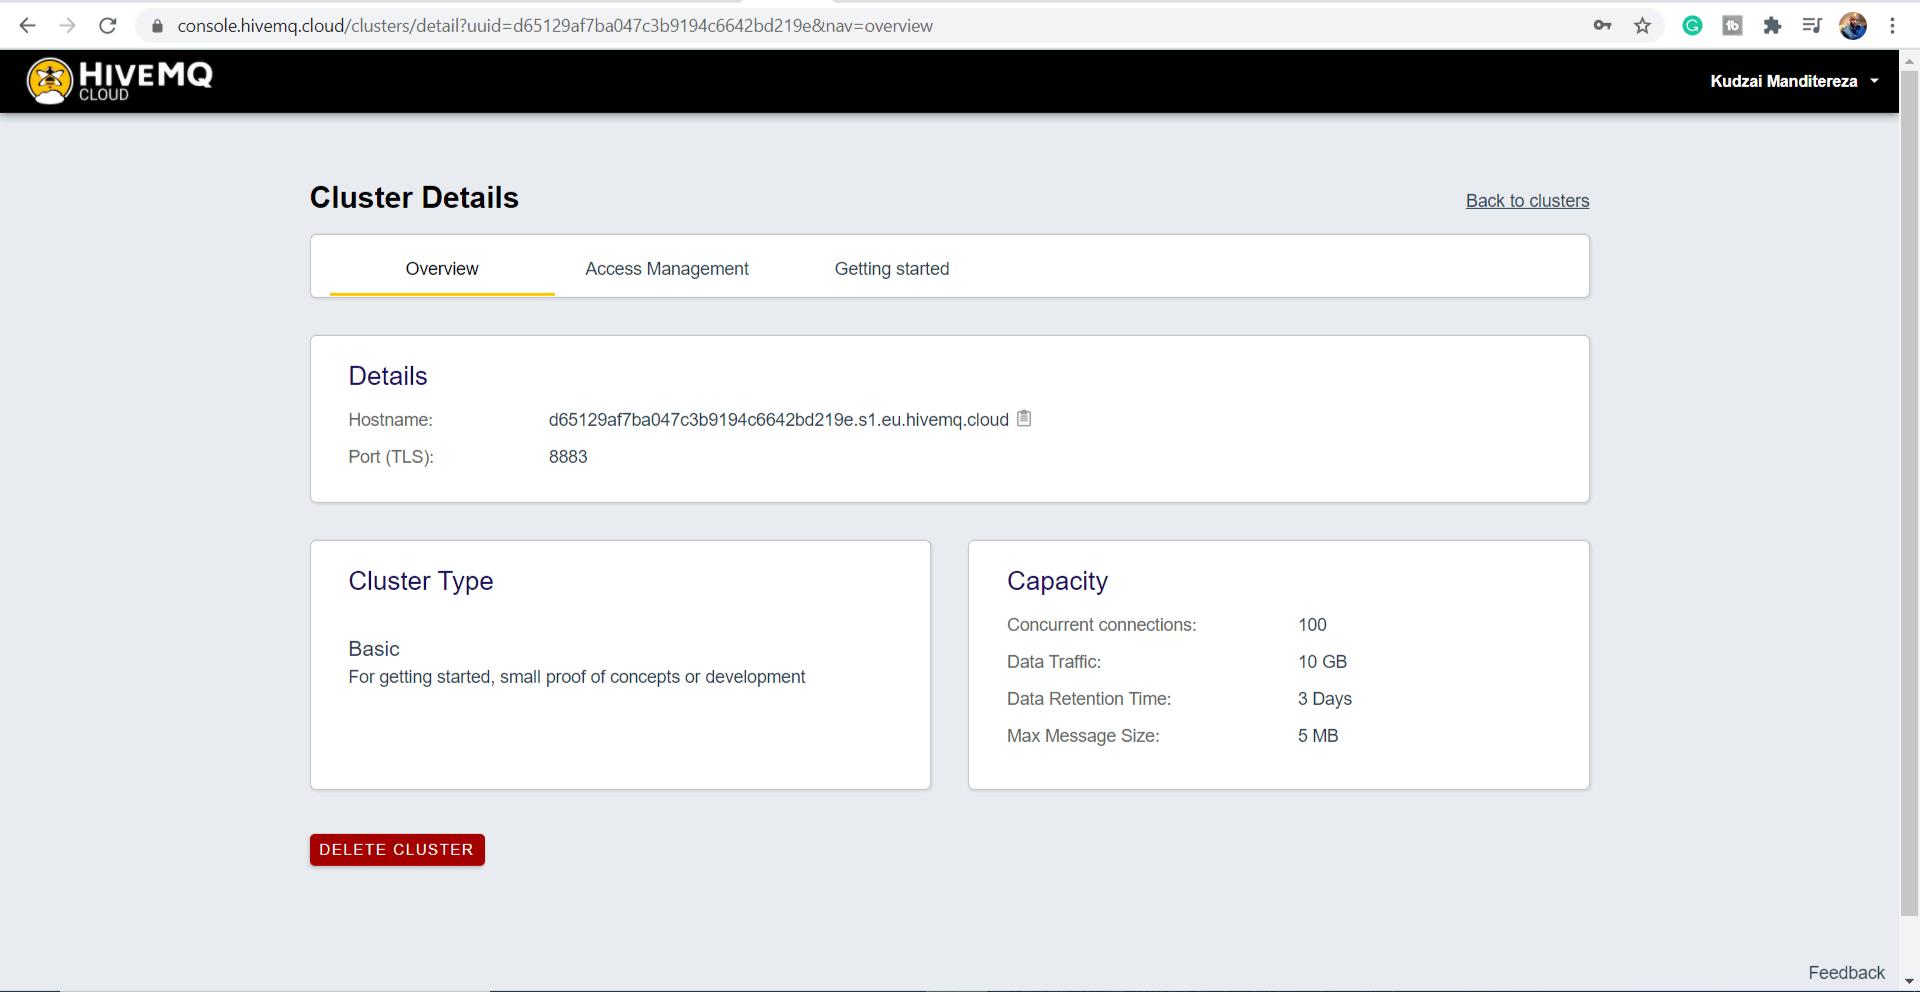 HiveMQ Cloud Cluster Details